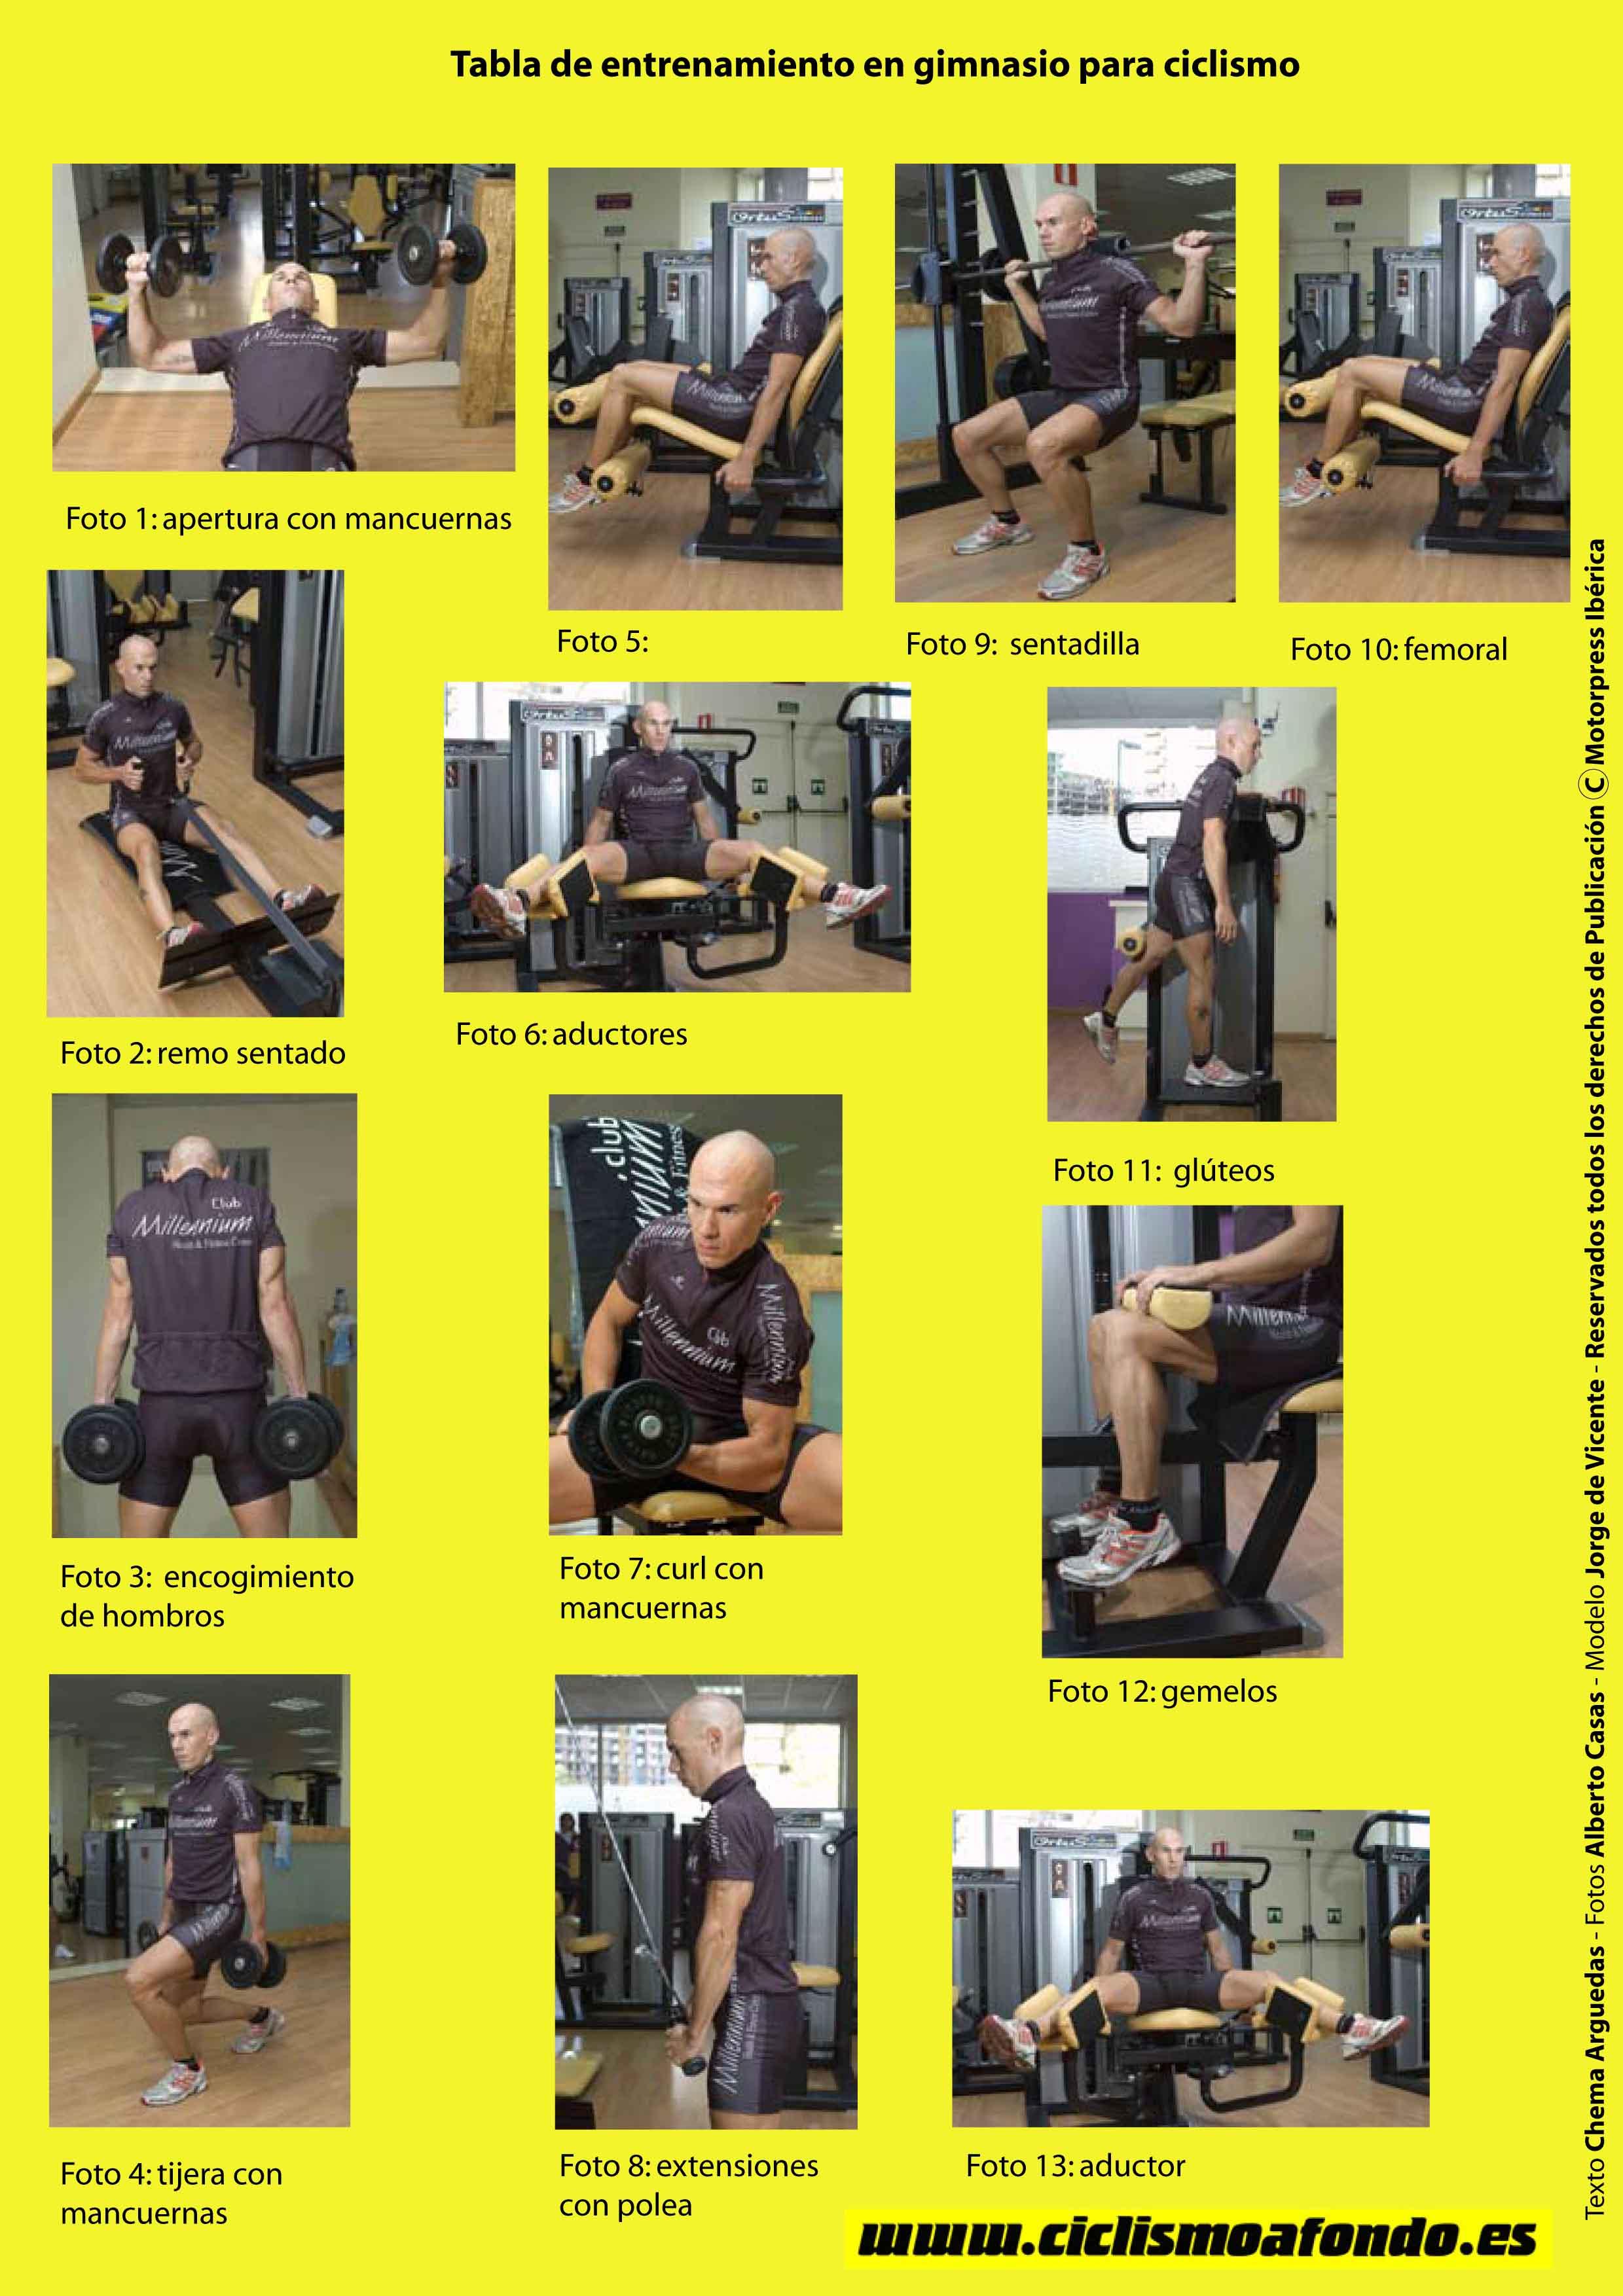 Tabla de entrenamiento en gimnasio i tabla de for Entrenamiento gimnasio